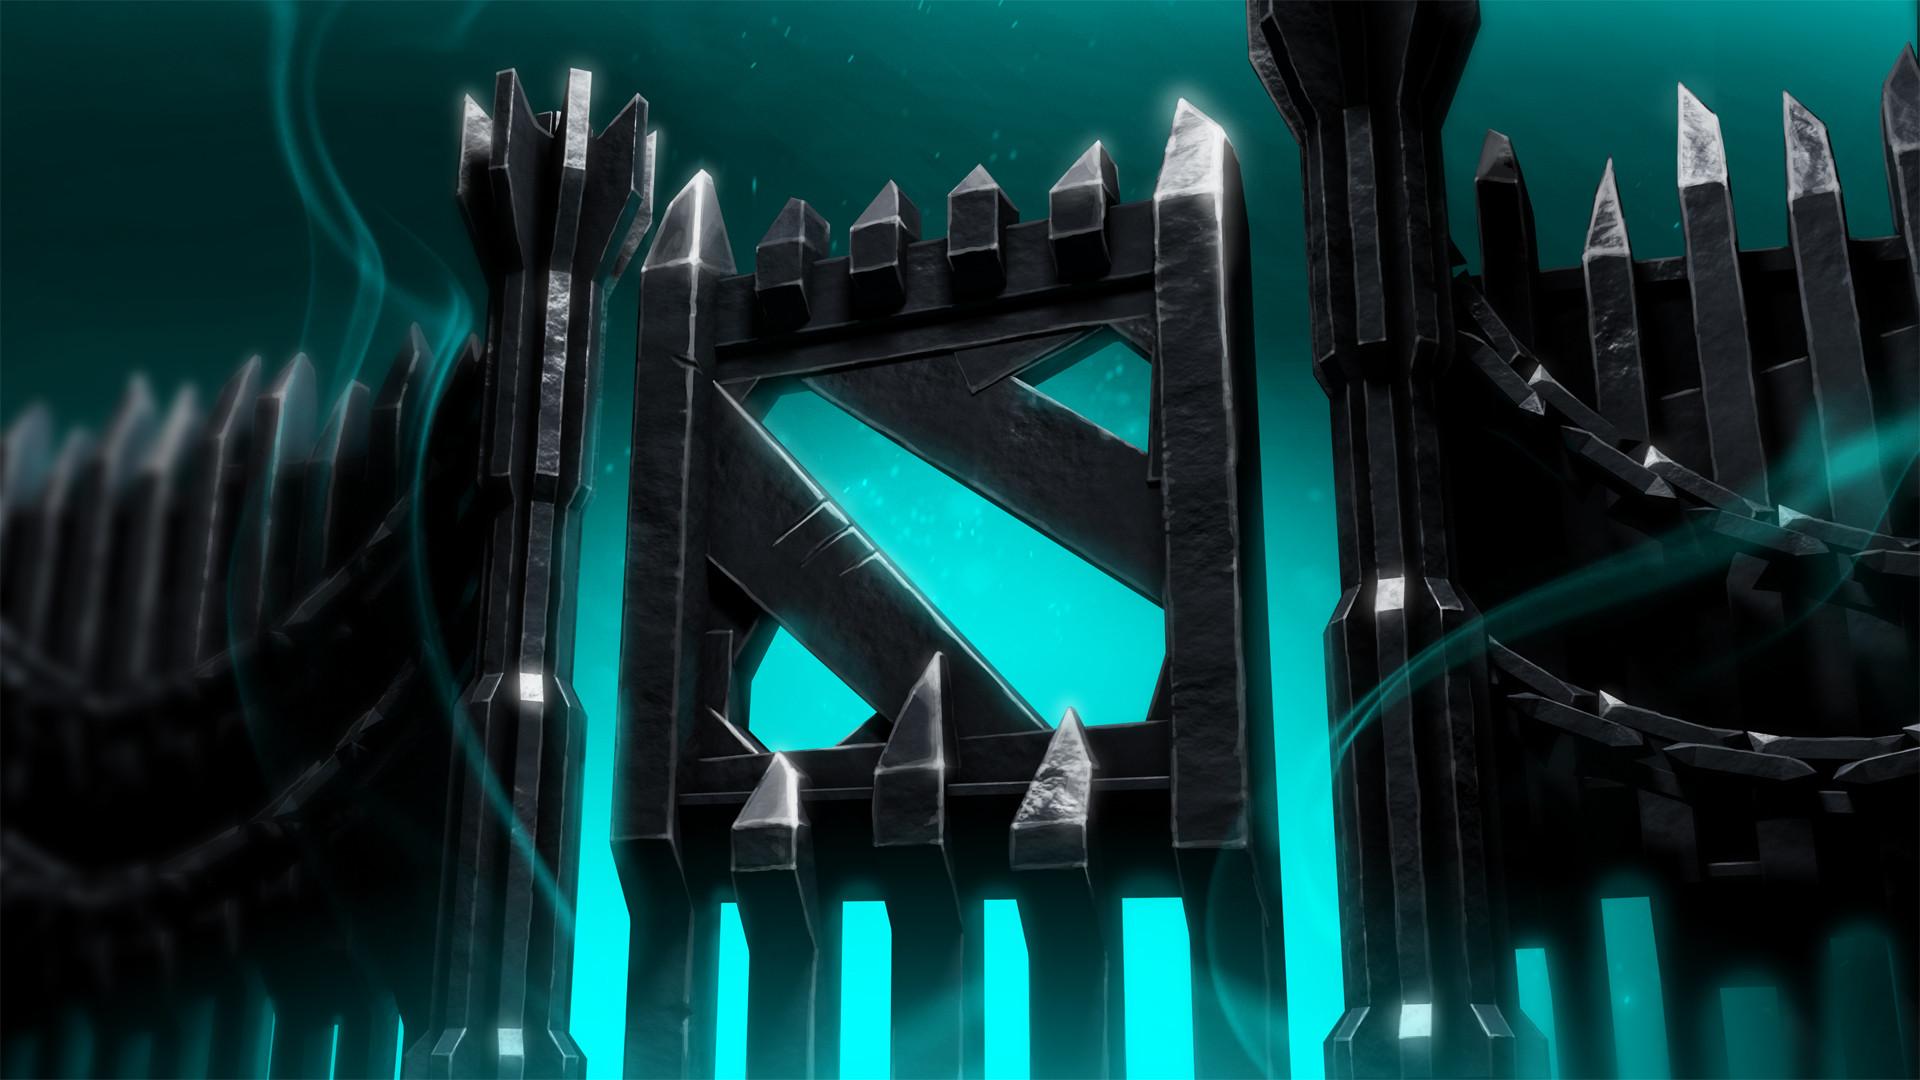 Iron maiden на рабочий стол обои 3